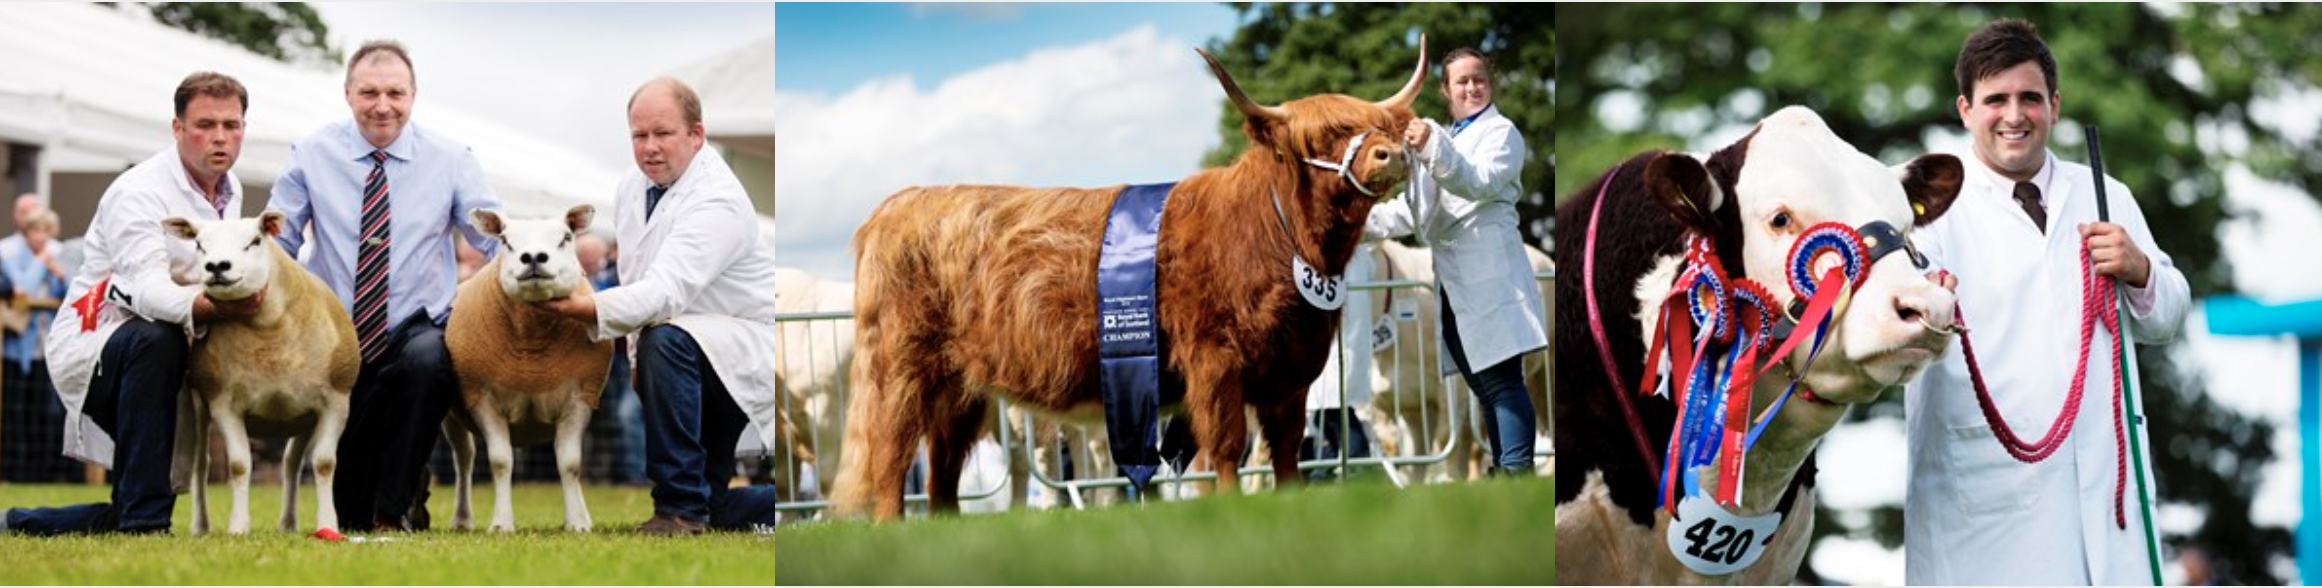 livestock.jpg